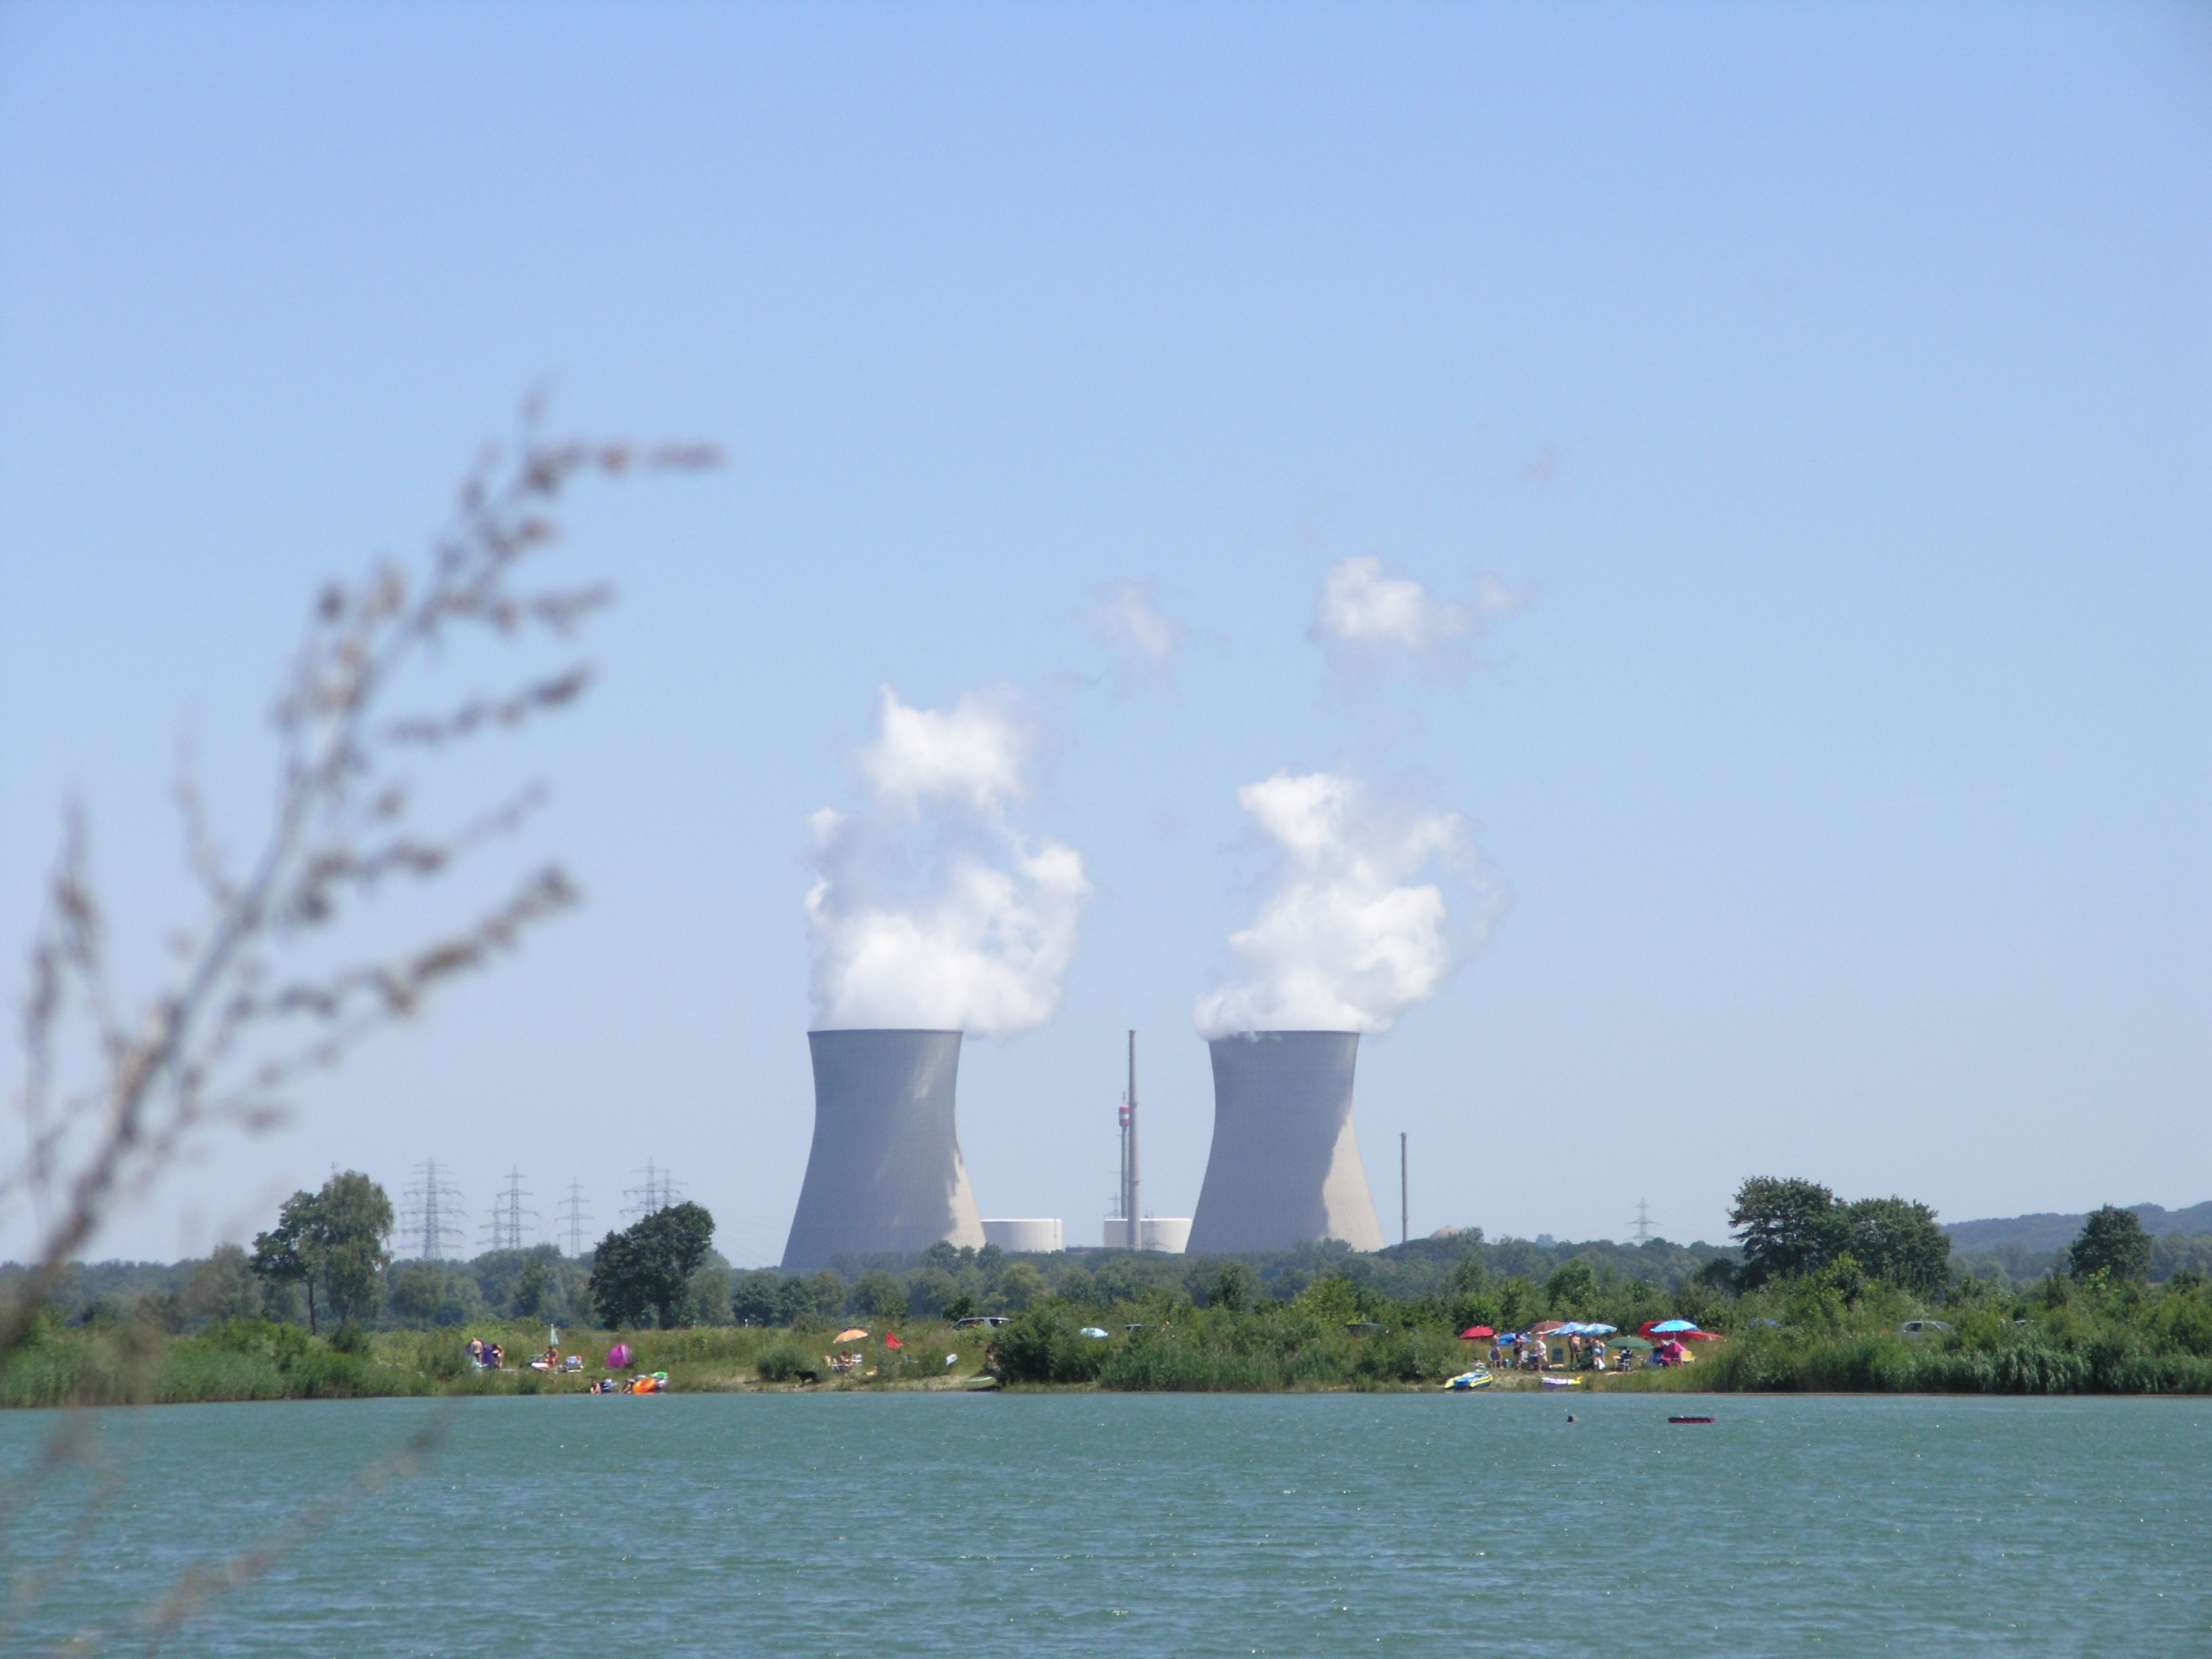 McKinsey-Studie zur Reduzierung der Treibhausgase zwiespältig